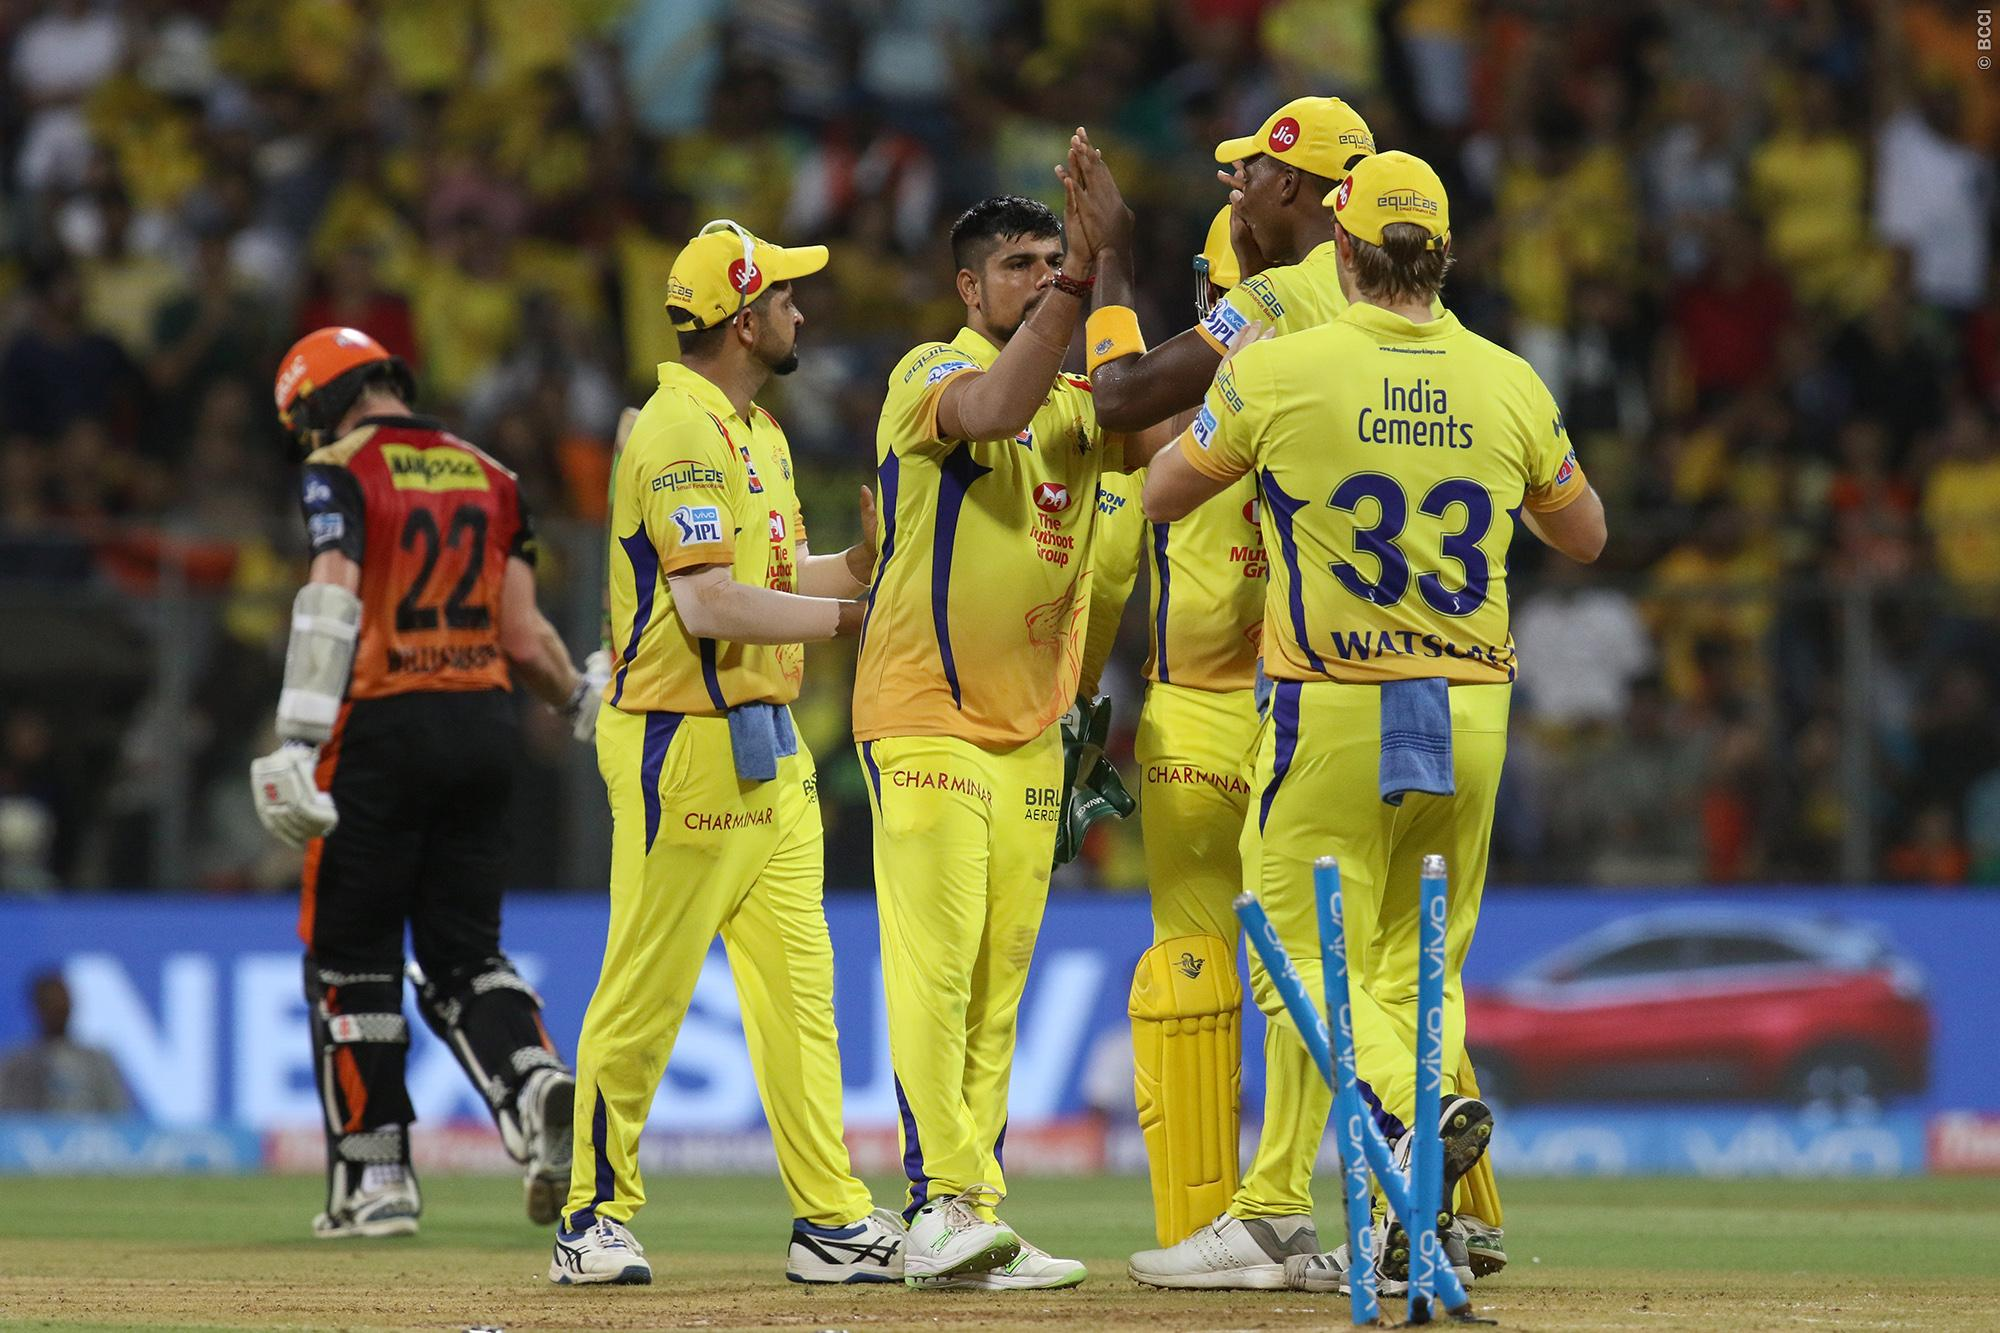 CSKvsSRH: चेन्नई की जीत में शतकीय पारी खेलने के बाद सोशल मीडिया पर छाए वाटसन, तारीफ़ करने से खुद को रोक नहीं सके वीरेंद्र सहवाग 20